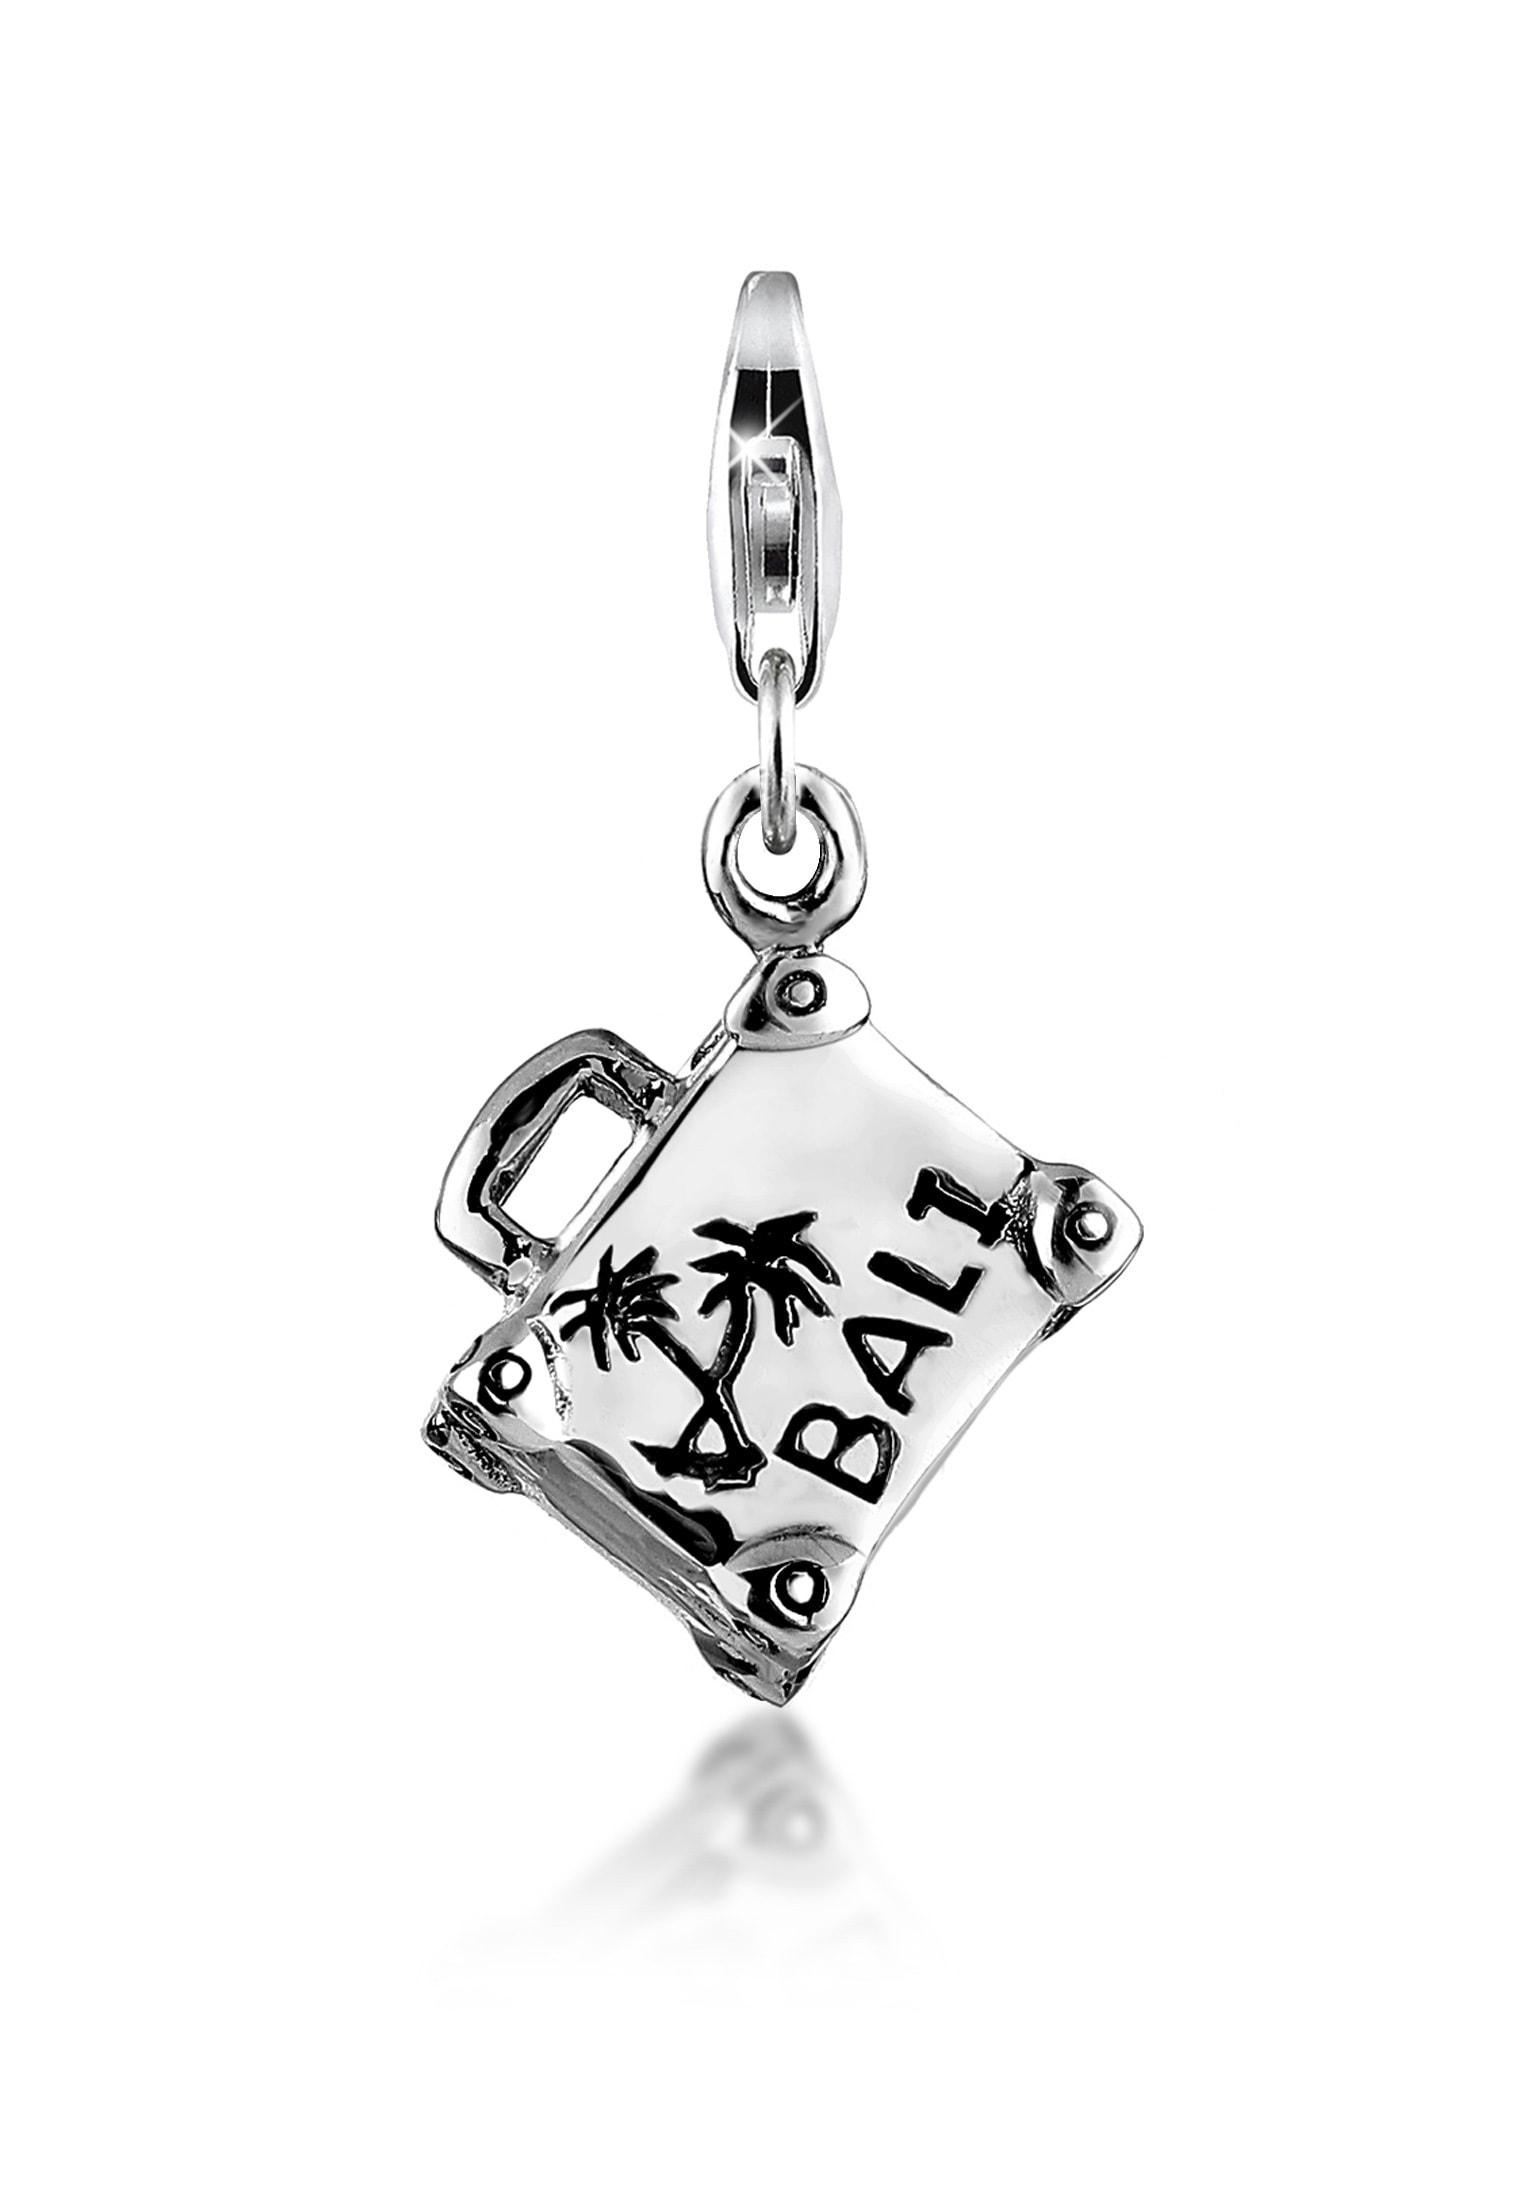 Nenalina Charm-Einhänger Anhänger Koffer Bali Schriftzug Urlaub 925 Silber | Schmuck > Charms | Nenalina